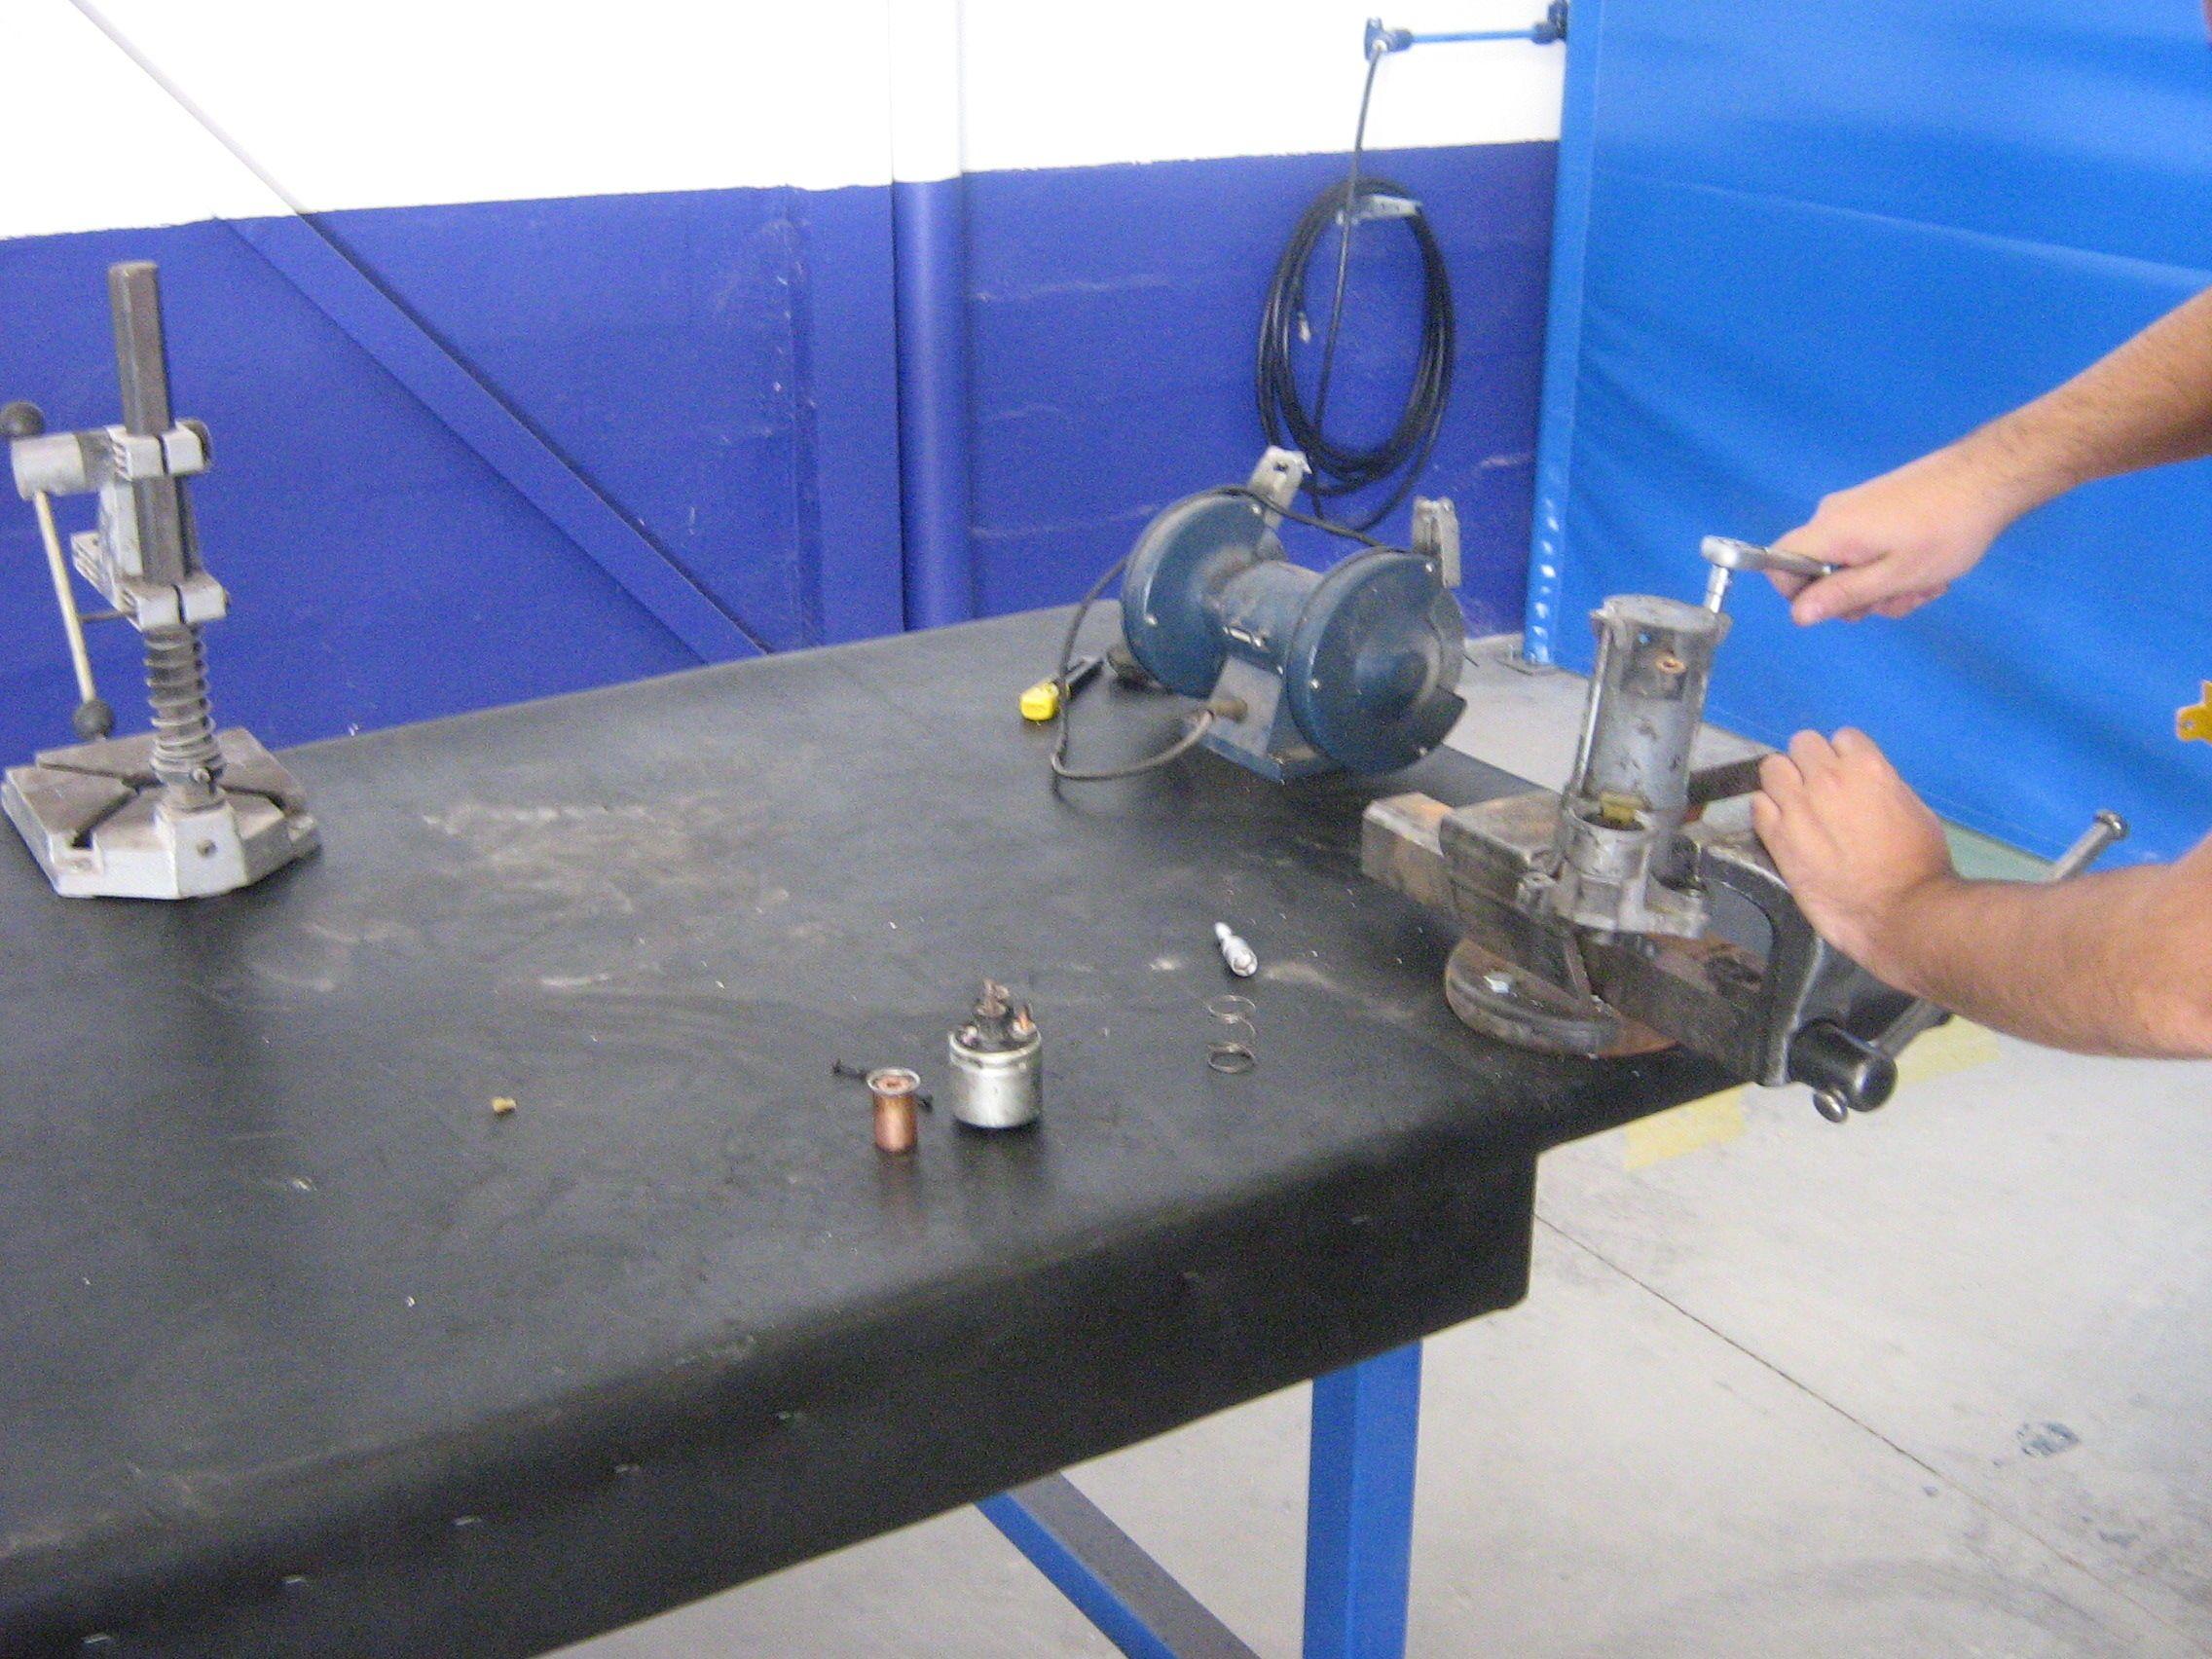 Banco comunitario del taller (podrás desmontar un motor de arranque)